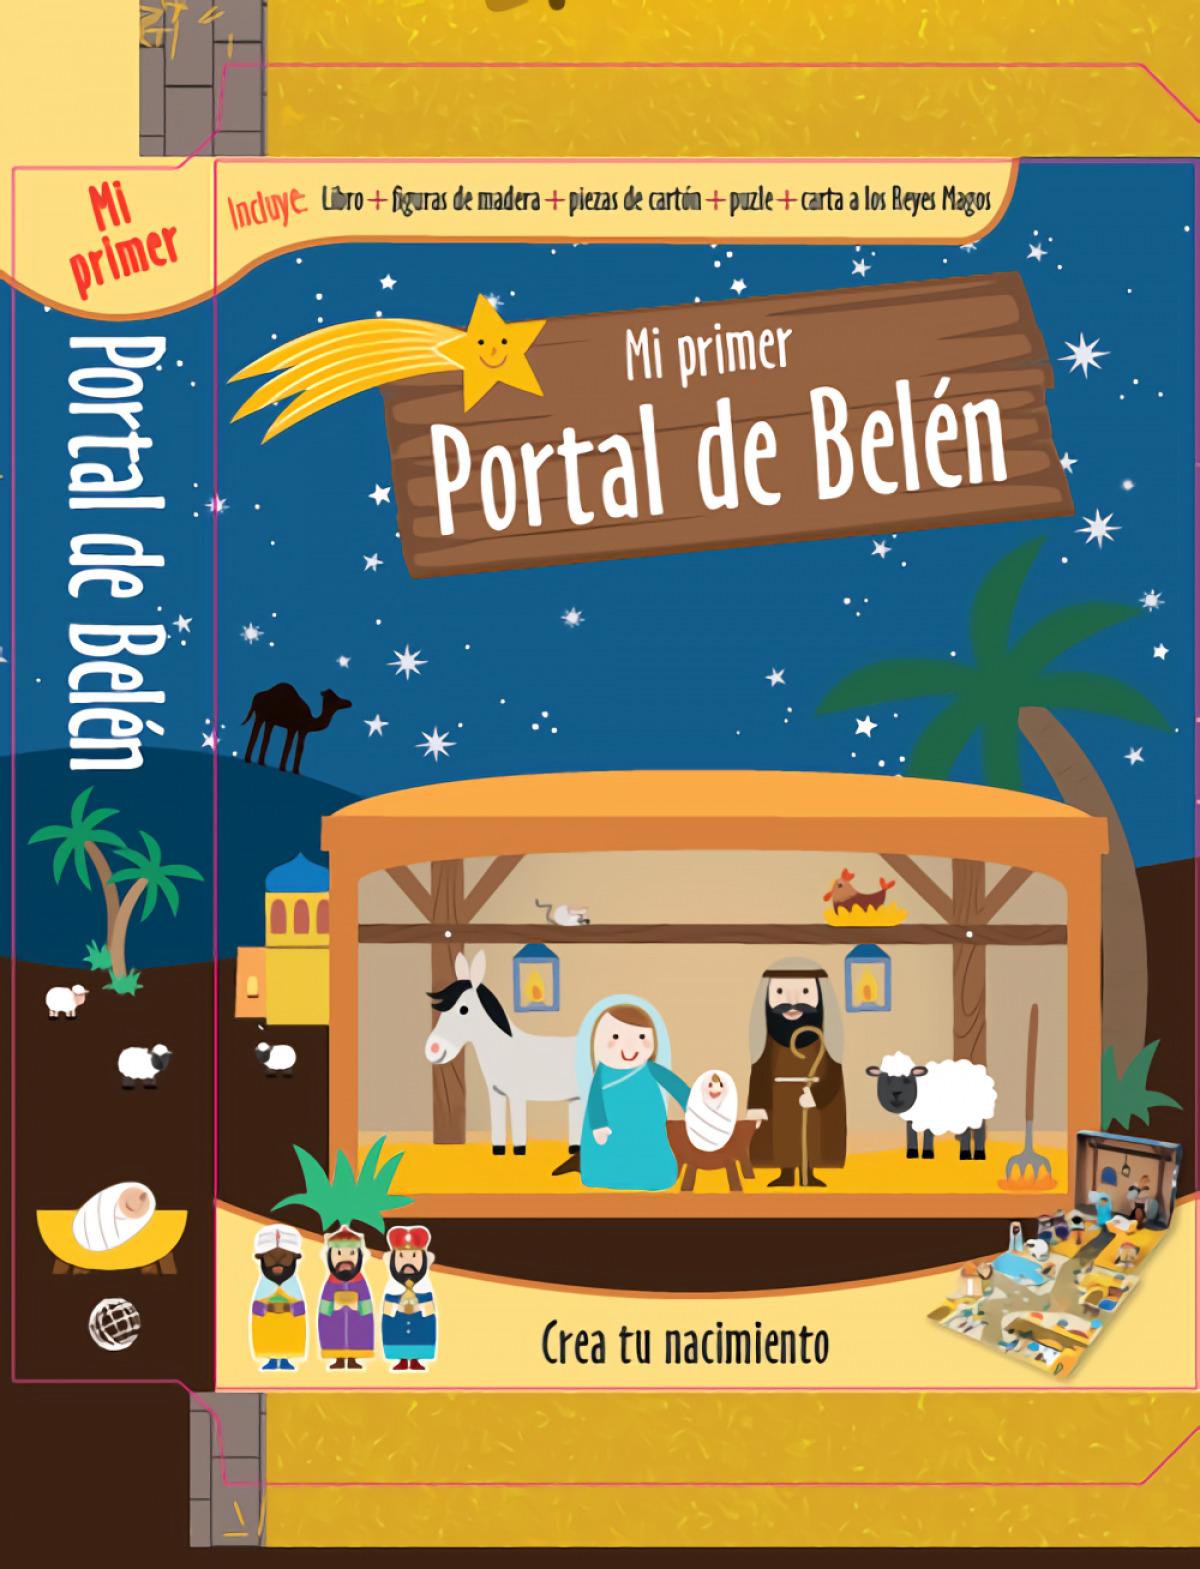 MI PORTAL DE BELÉN